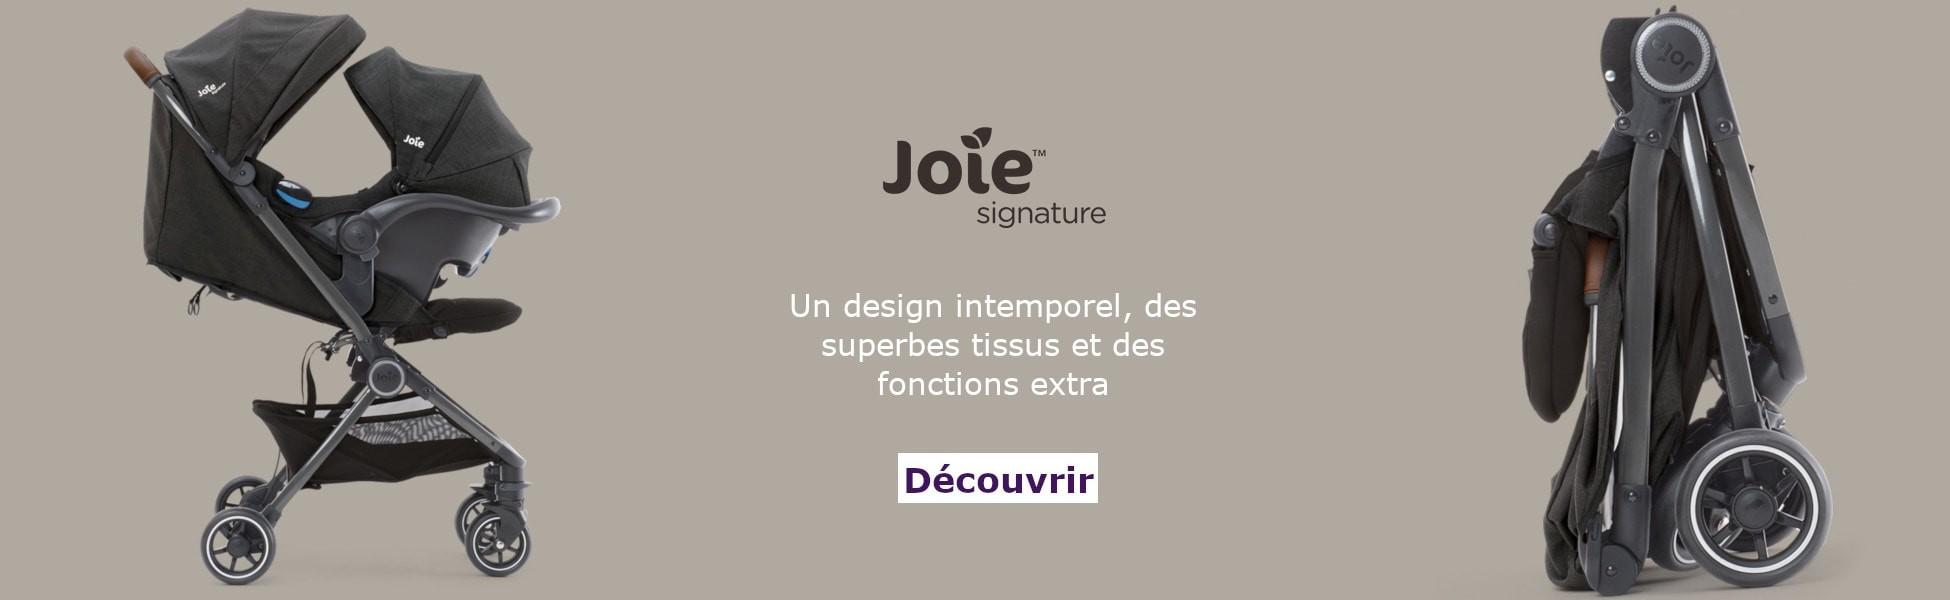 Poussette PACT Signature Joie